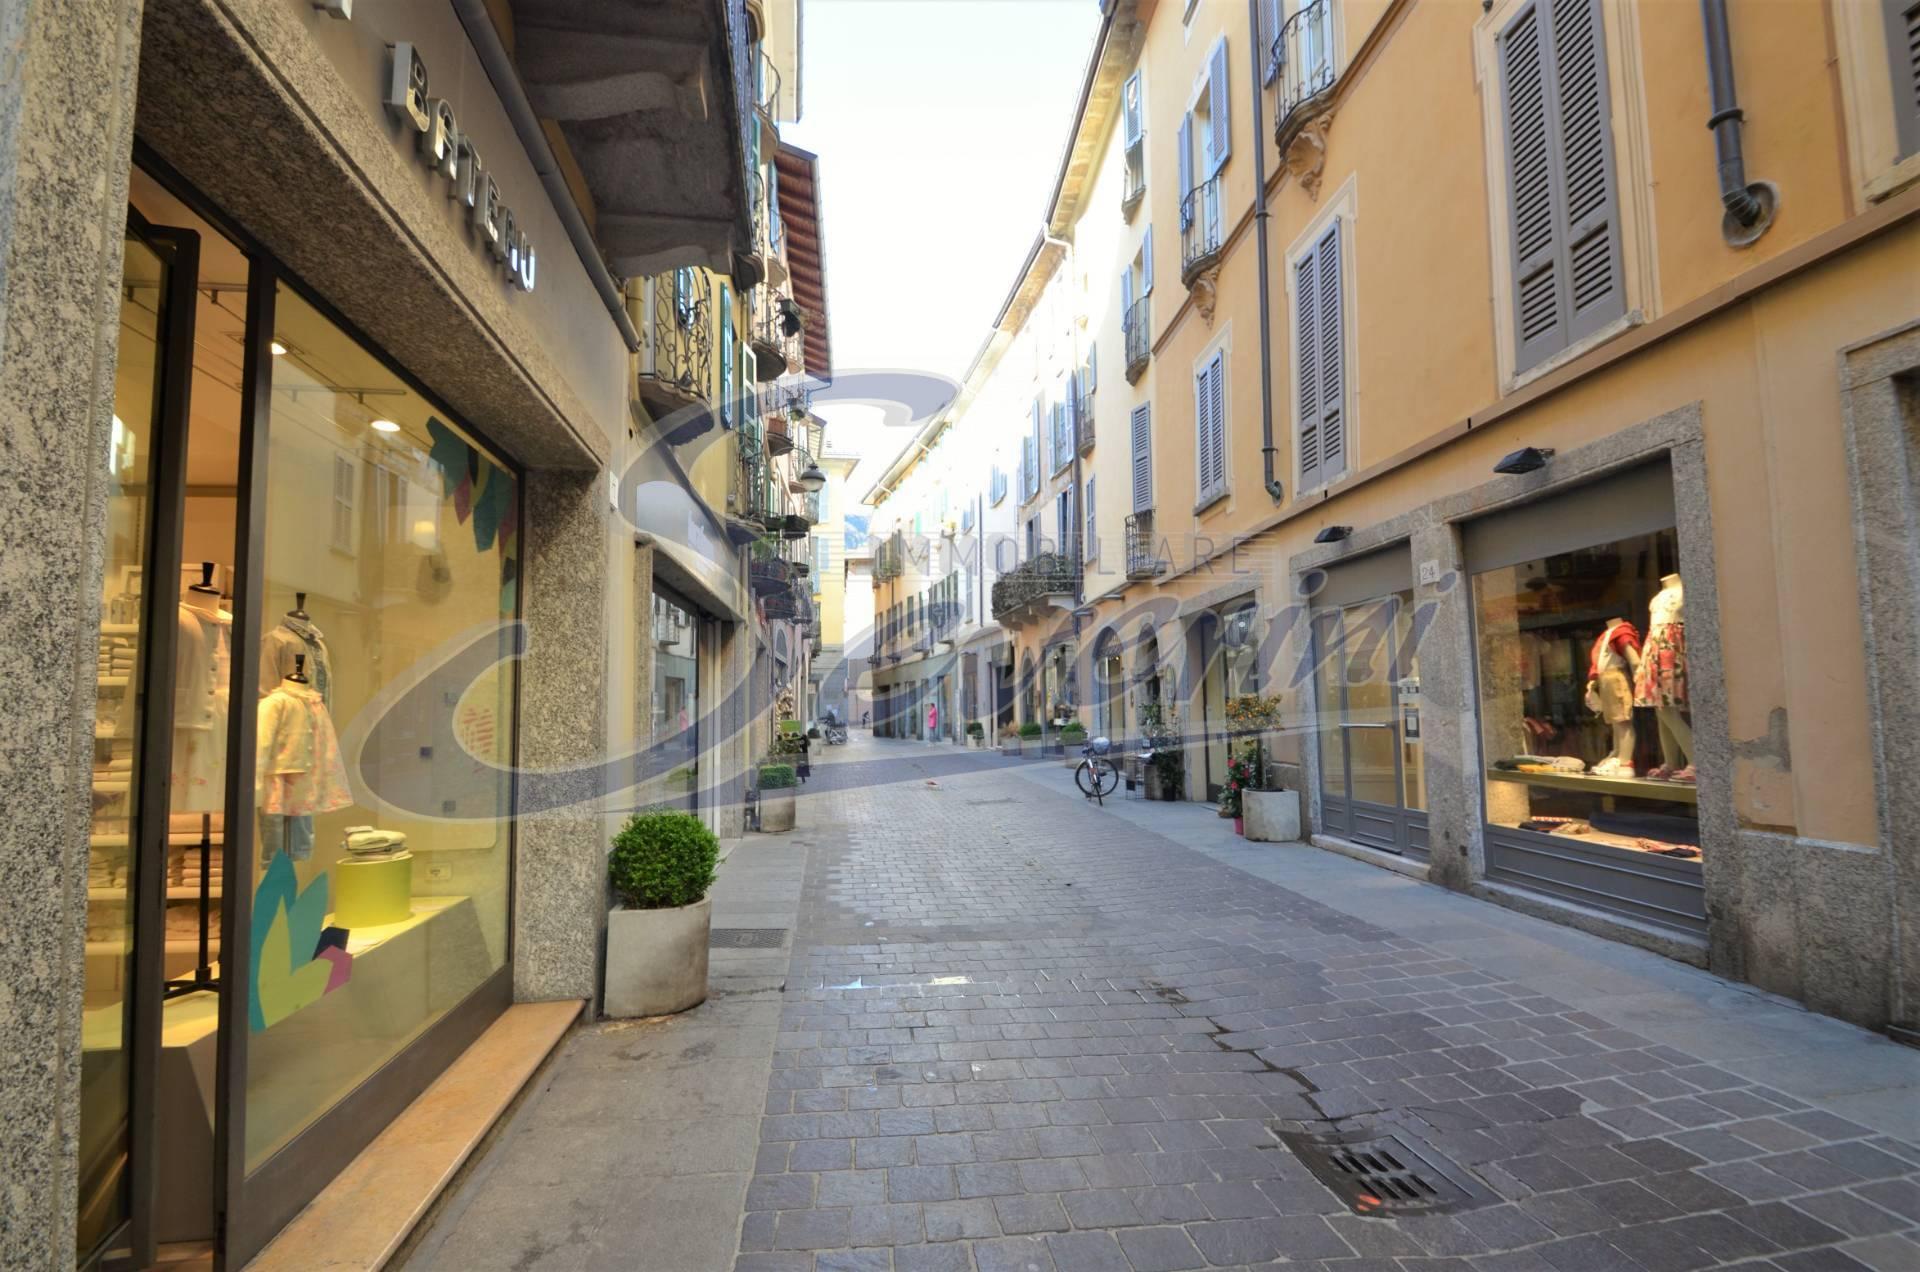 Negozio / Locale in affitto a Como, 9999 locali, zona Località: CentroStorico, prezzo € 5.000 | CambioCasa.it